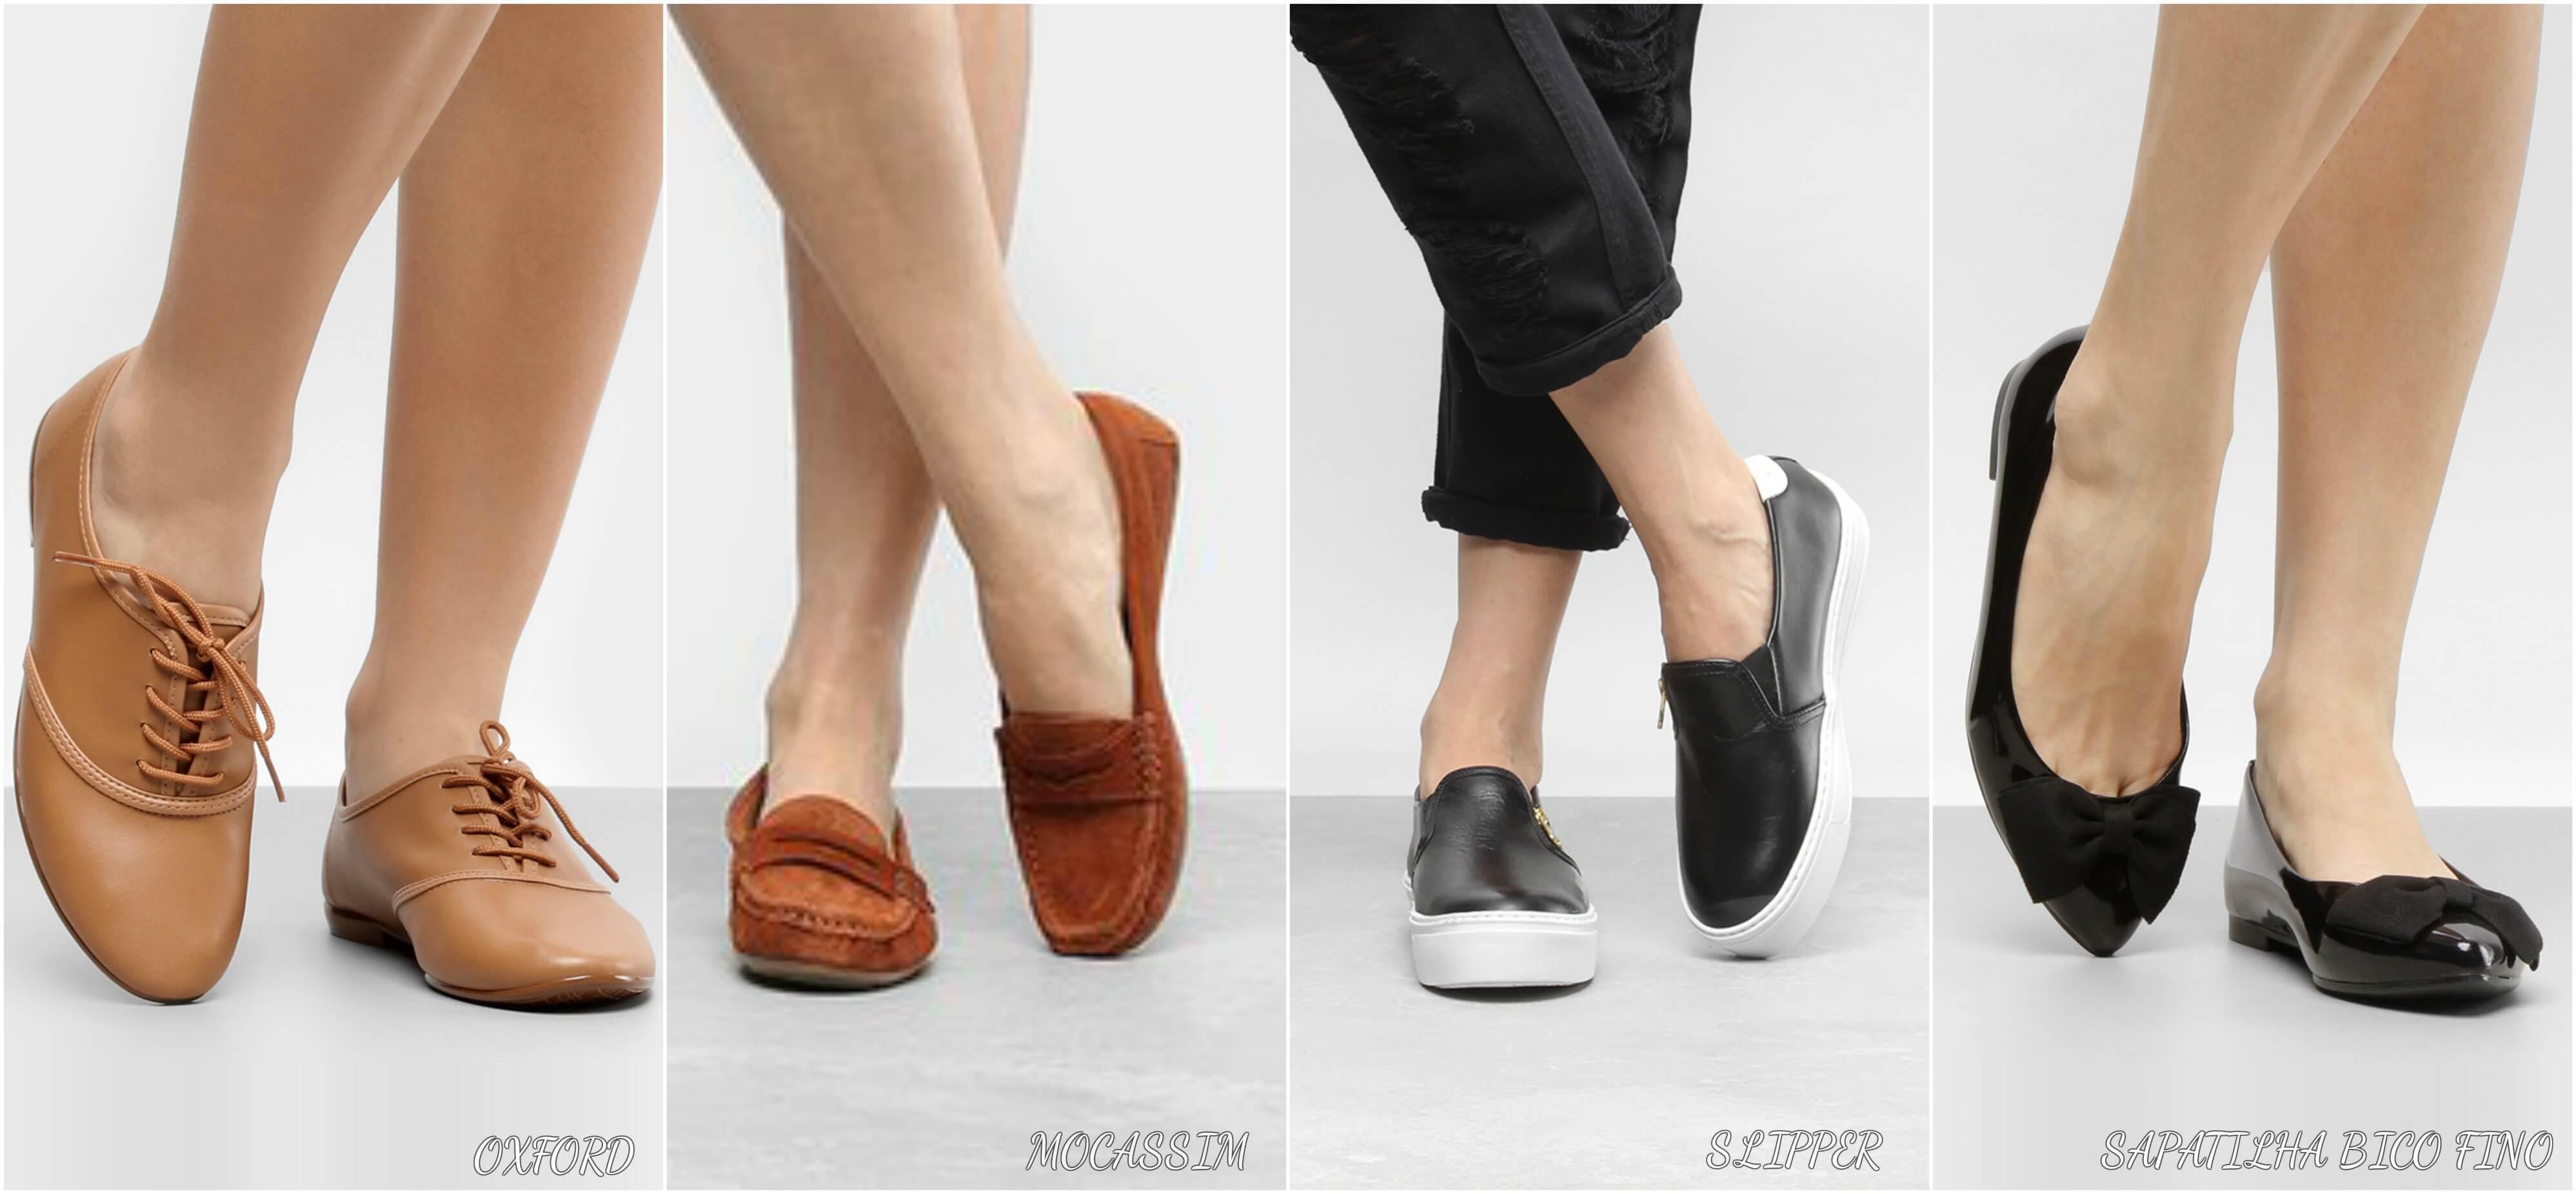 6c5f0250b ... ou até mesmo uma sapatilha de bico fino, que dependendo do material ou  até mesmo da cor podem dar um toque final incrível para o seu look.